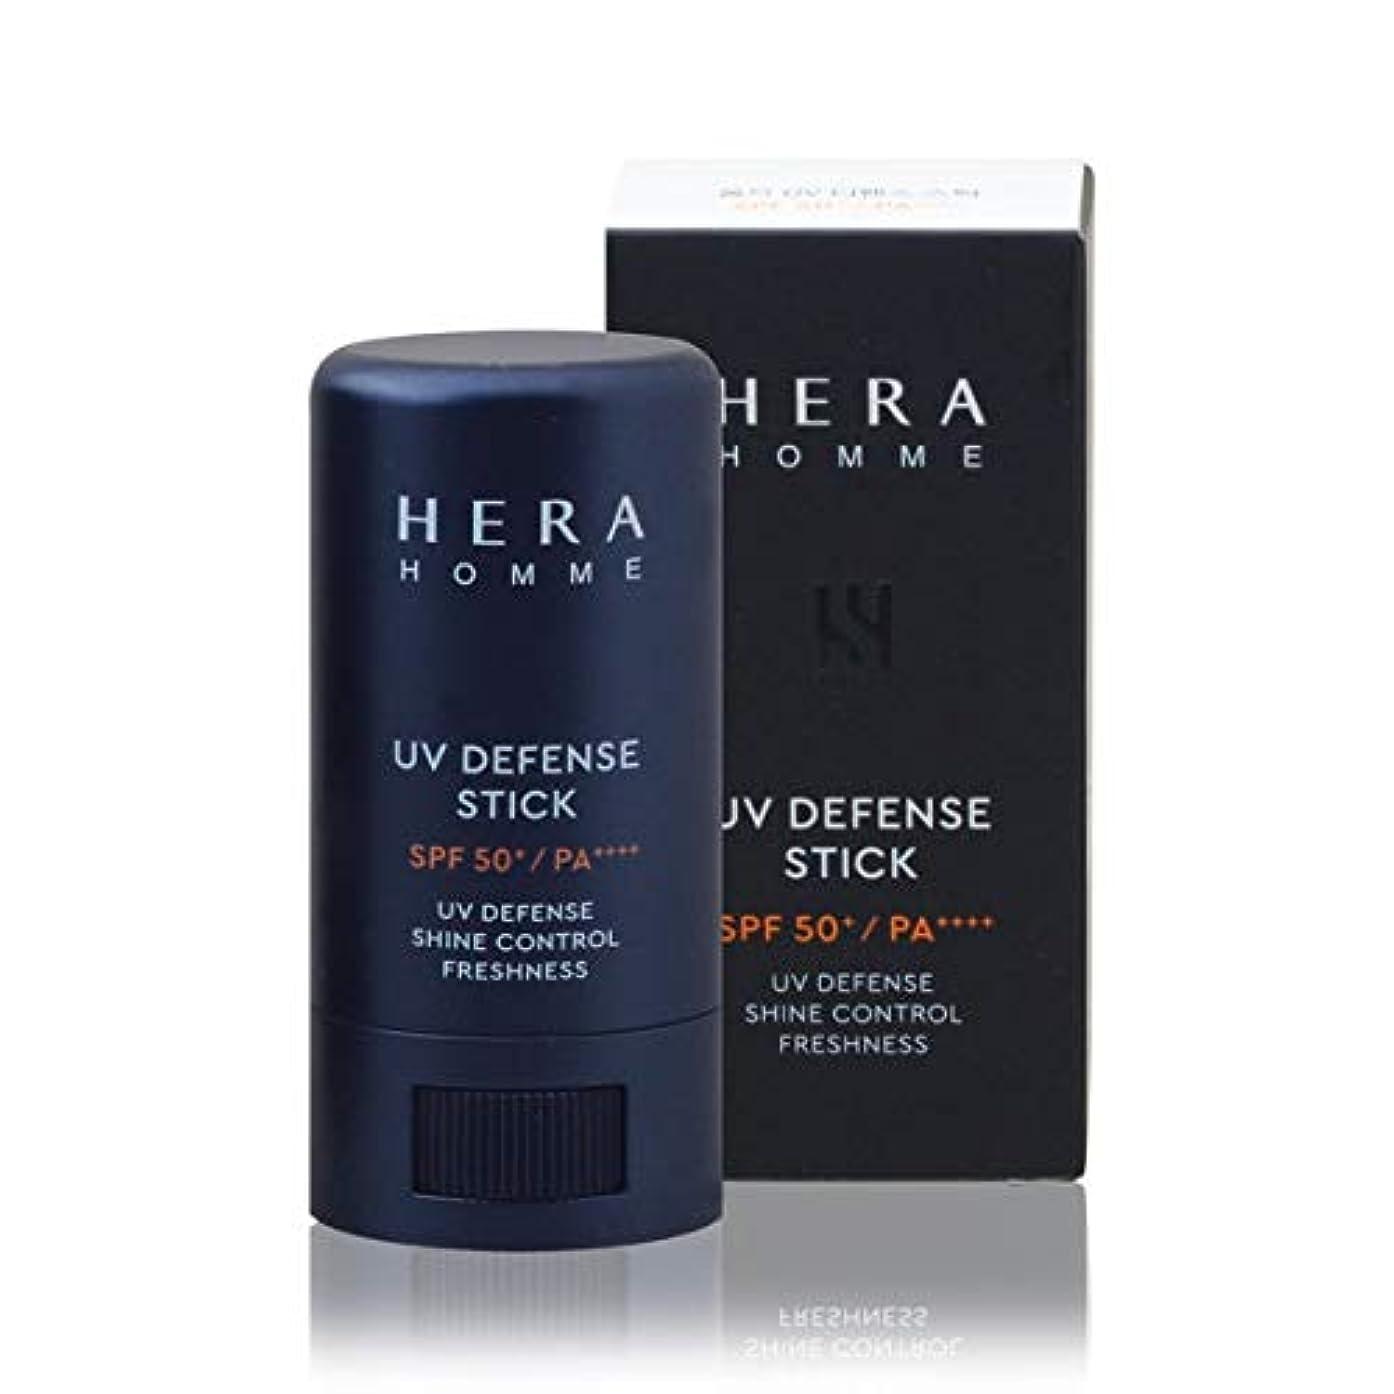 基礎から聞く舌HERA【ヘラ】オム ディフェンススティック/Homme UV Defense Stick 18g, SPF50+/PA++++